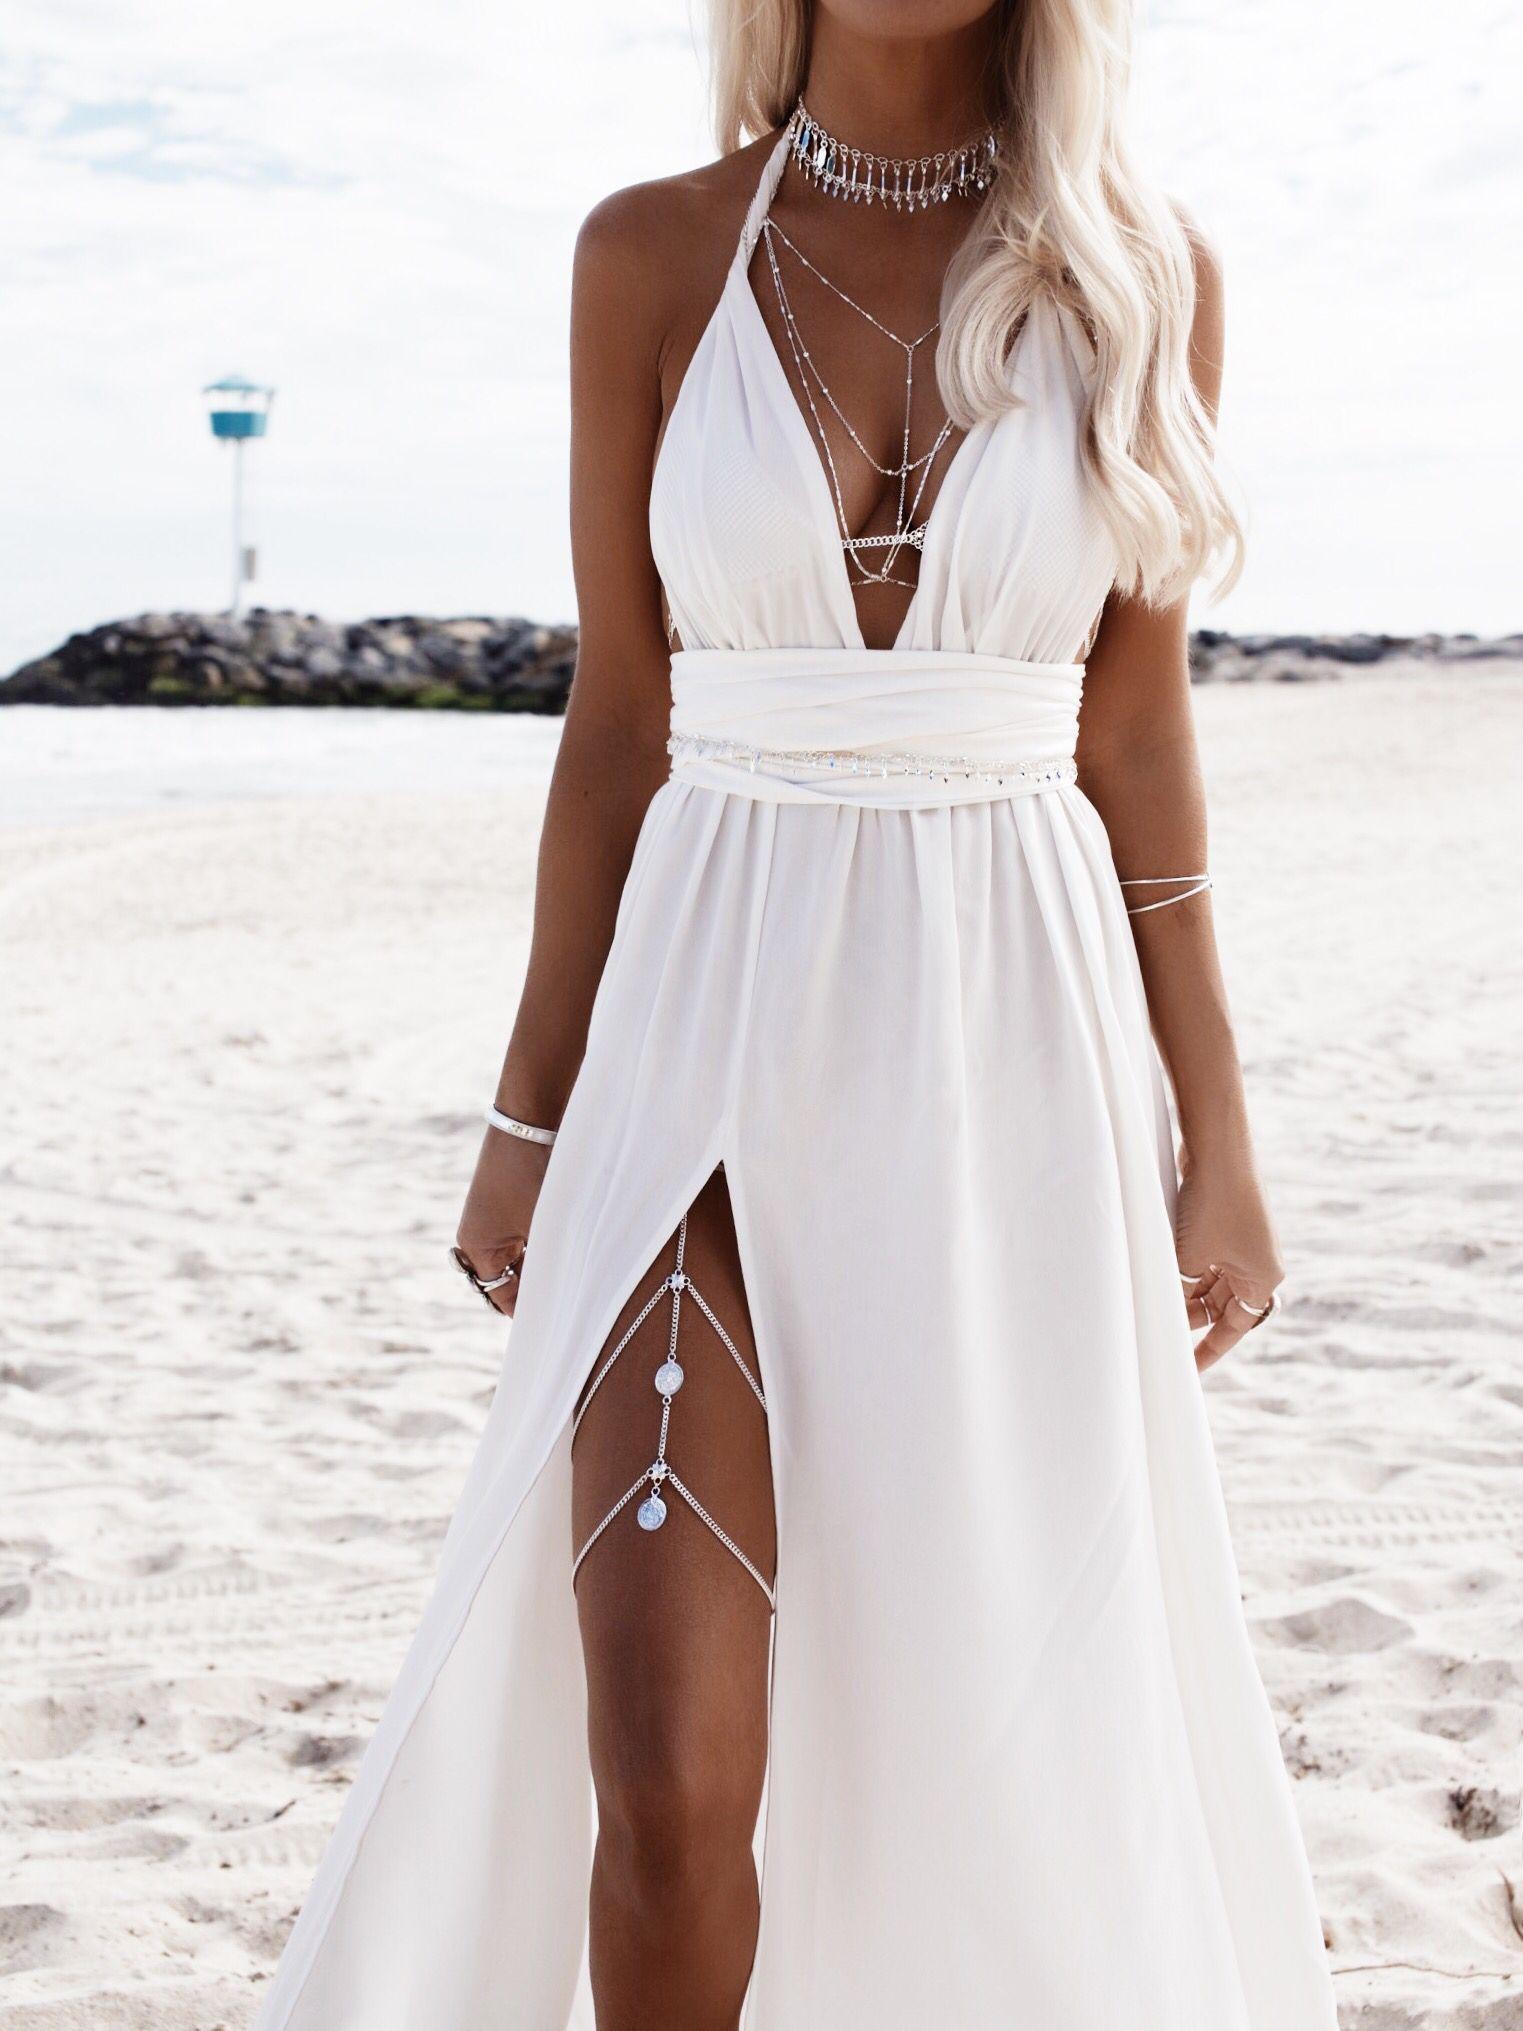 Wedding dress jewelry  GypsyLovinLight Body Jewelry  Accessories  Pinterest  Body